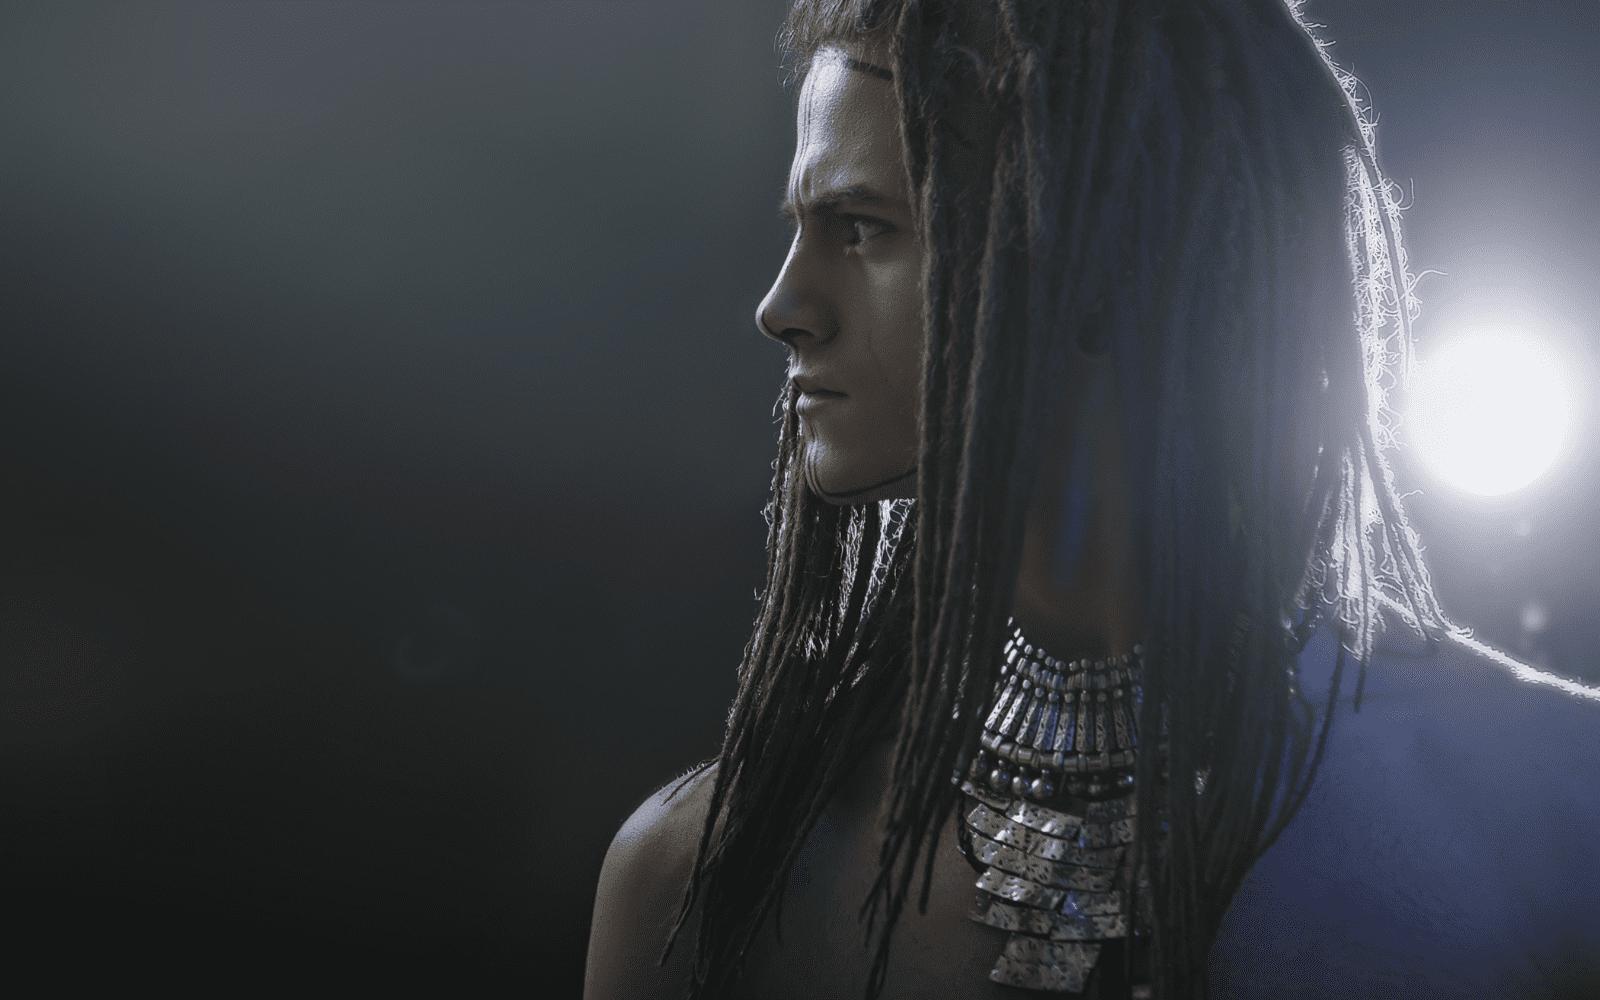 jeune egyptien portant des dreadlocks et des bijoux ancestraux